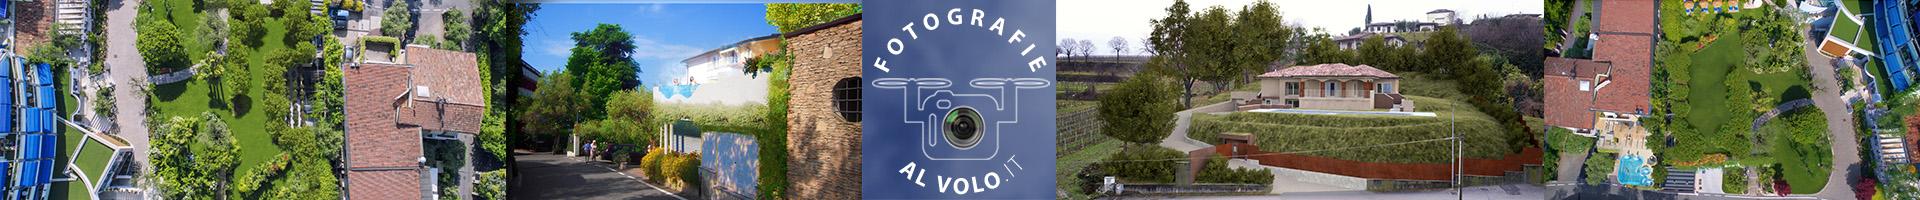 Fotografie Al Volo - Inserimenti ambientali con drone